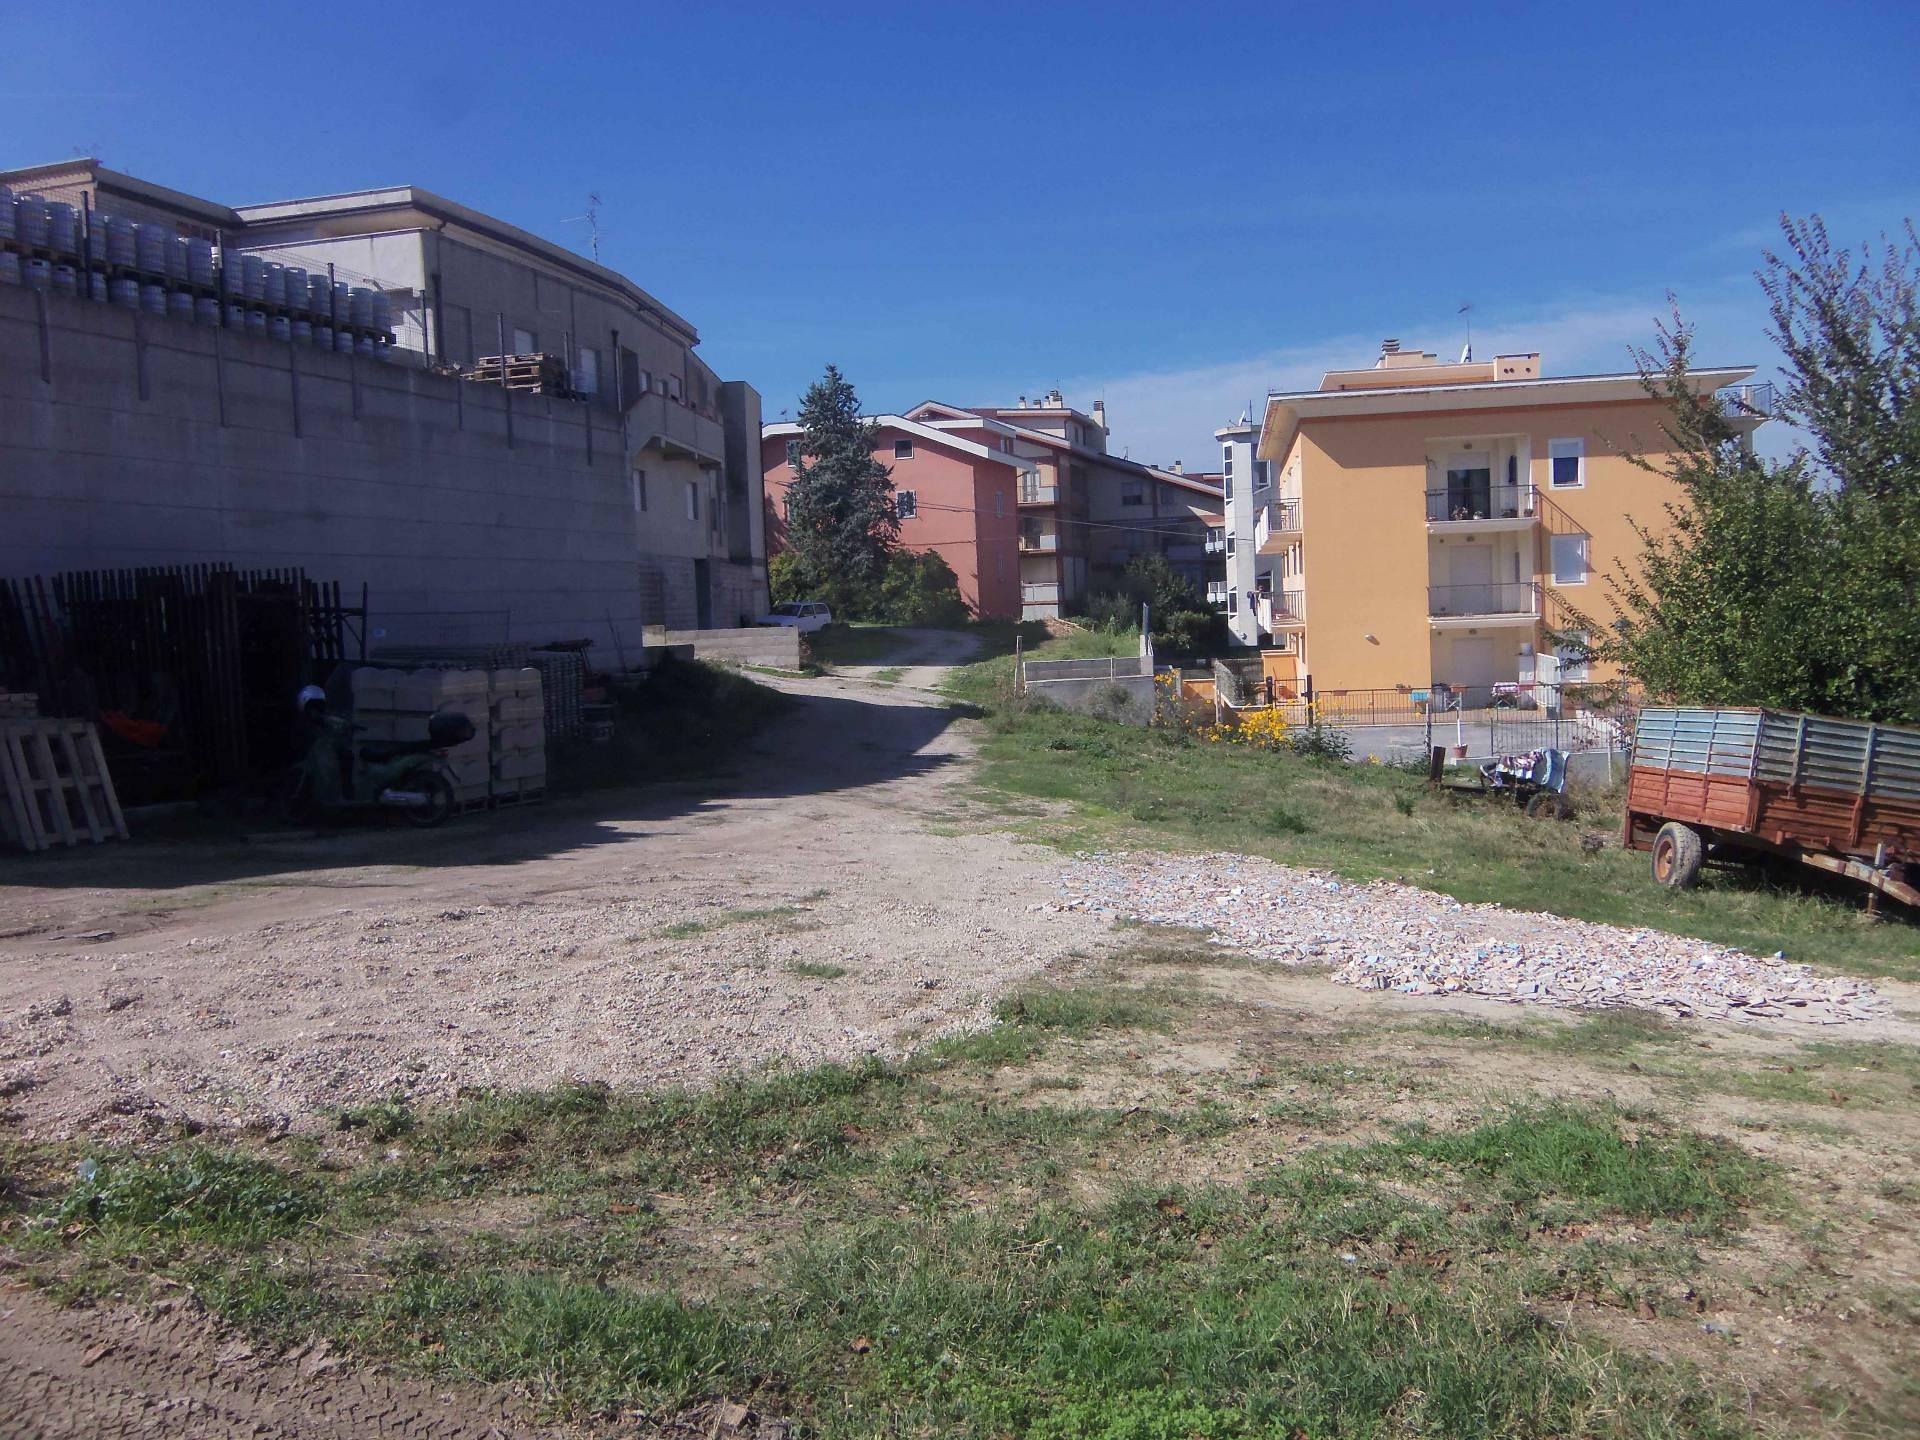 Terreno Edificabile Residenziale in vendita a Acquaviva Picena, 9999 locali, zona Località: Centrale, prezzo € 58.000 | CambioCasa.it